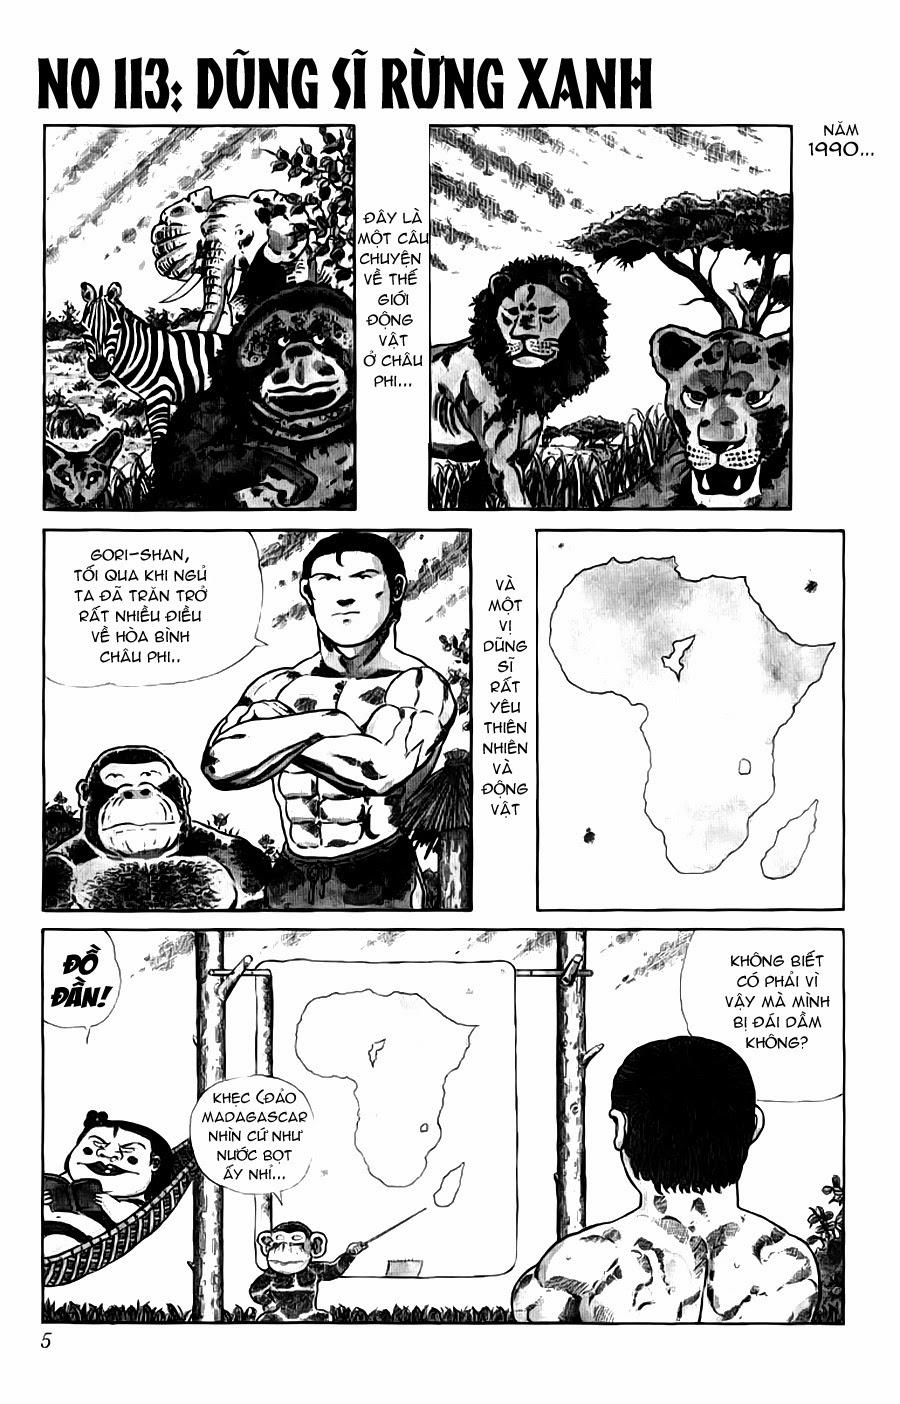 Chúa rừng Ta-chan chapter 113 (new - phần 2 chapter 1) trang 5